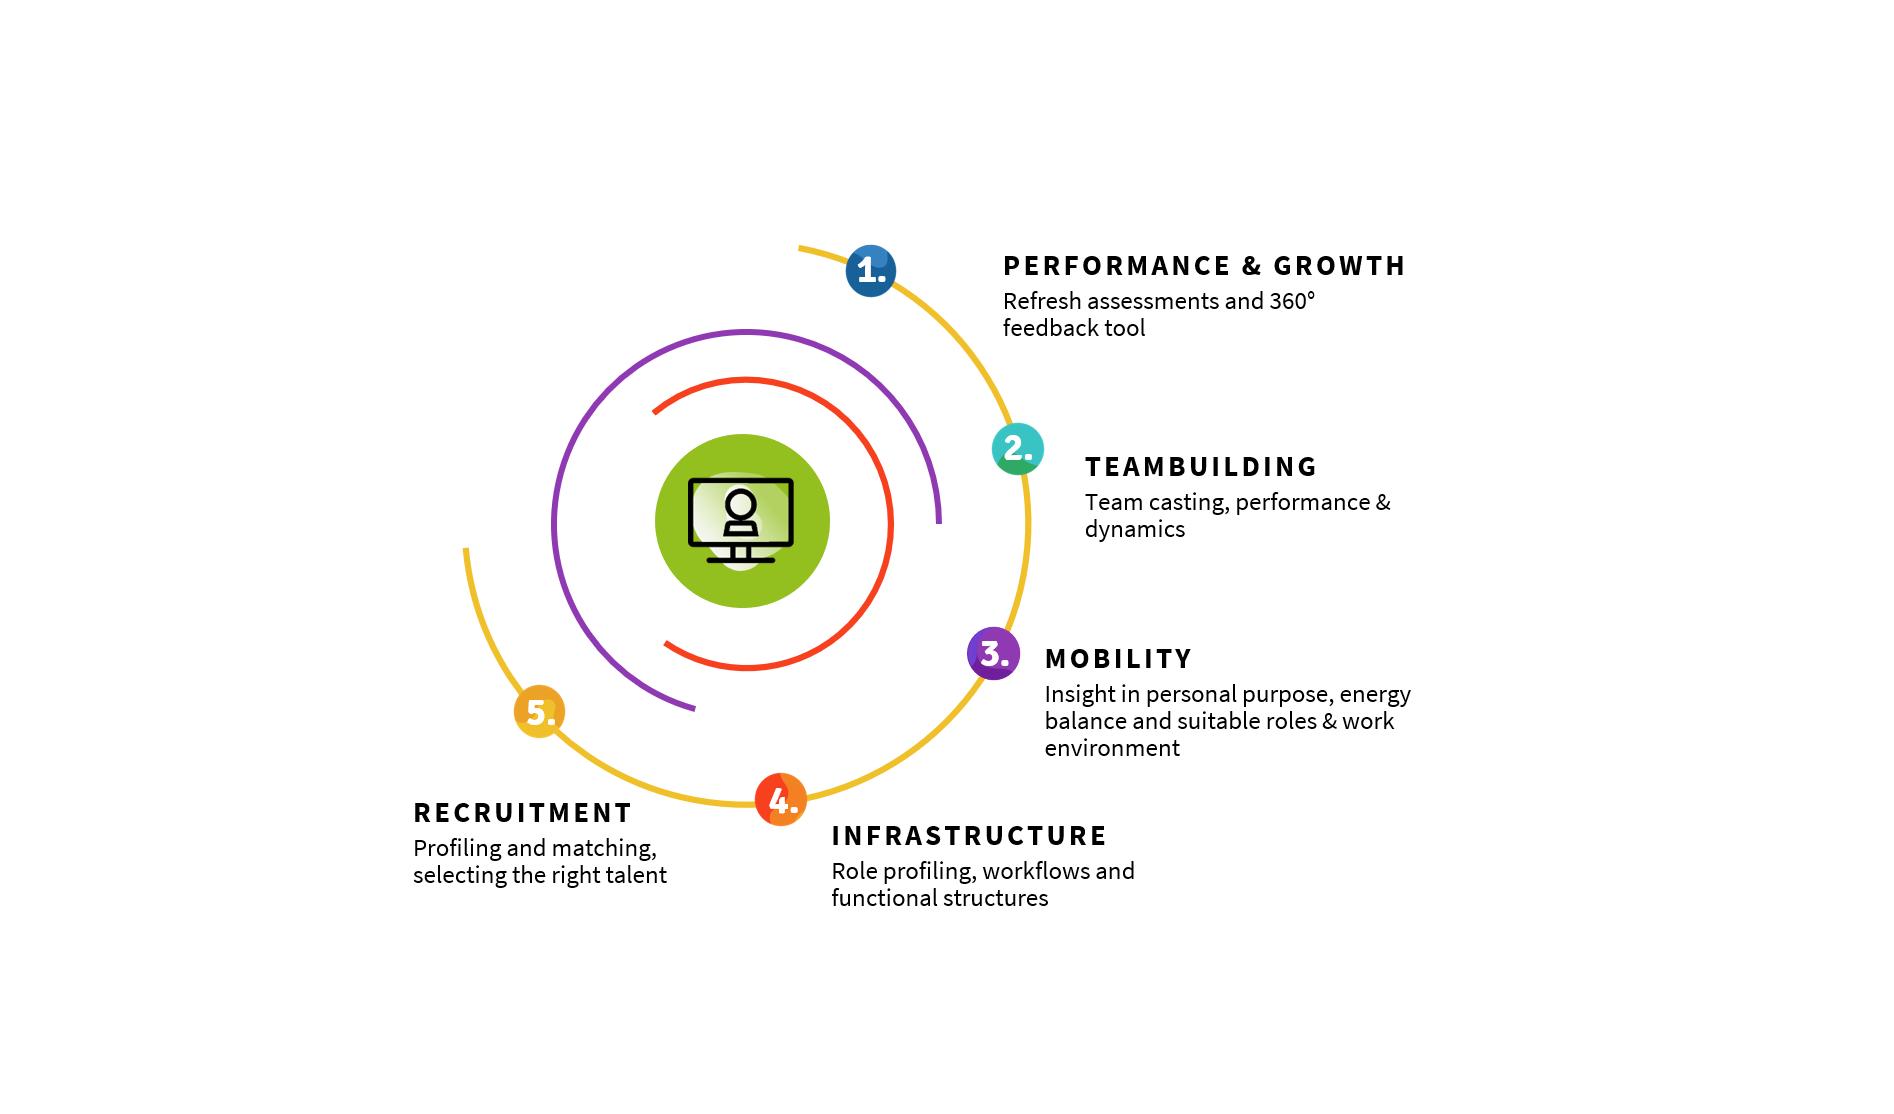 Strategic HR tools by People Like Us